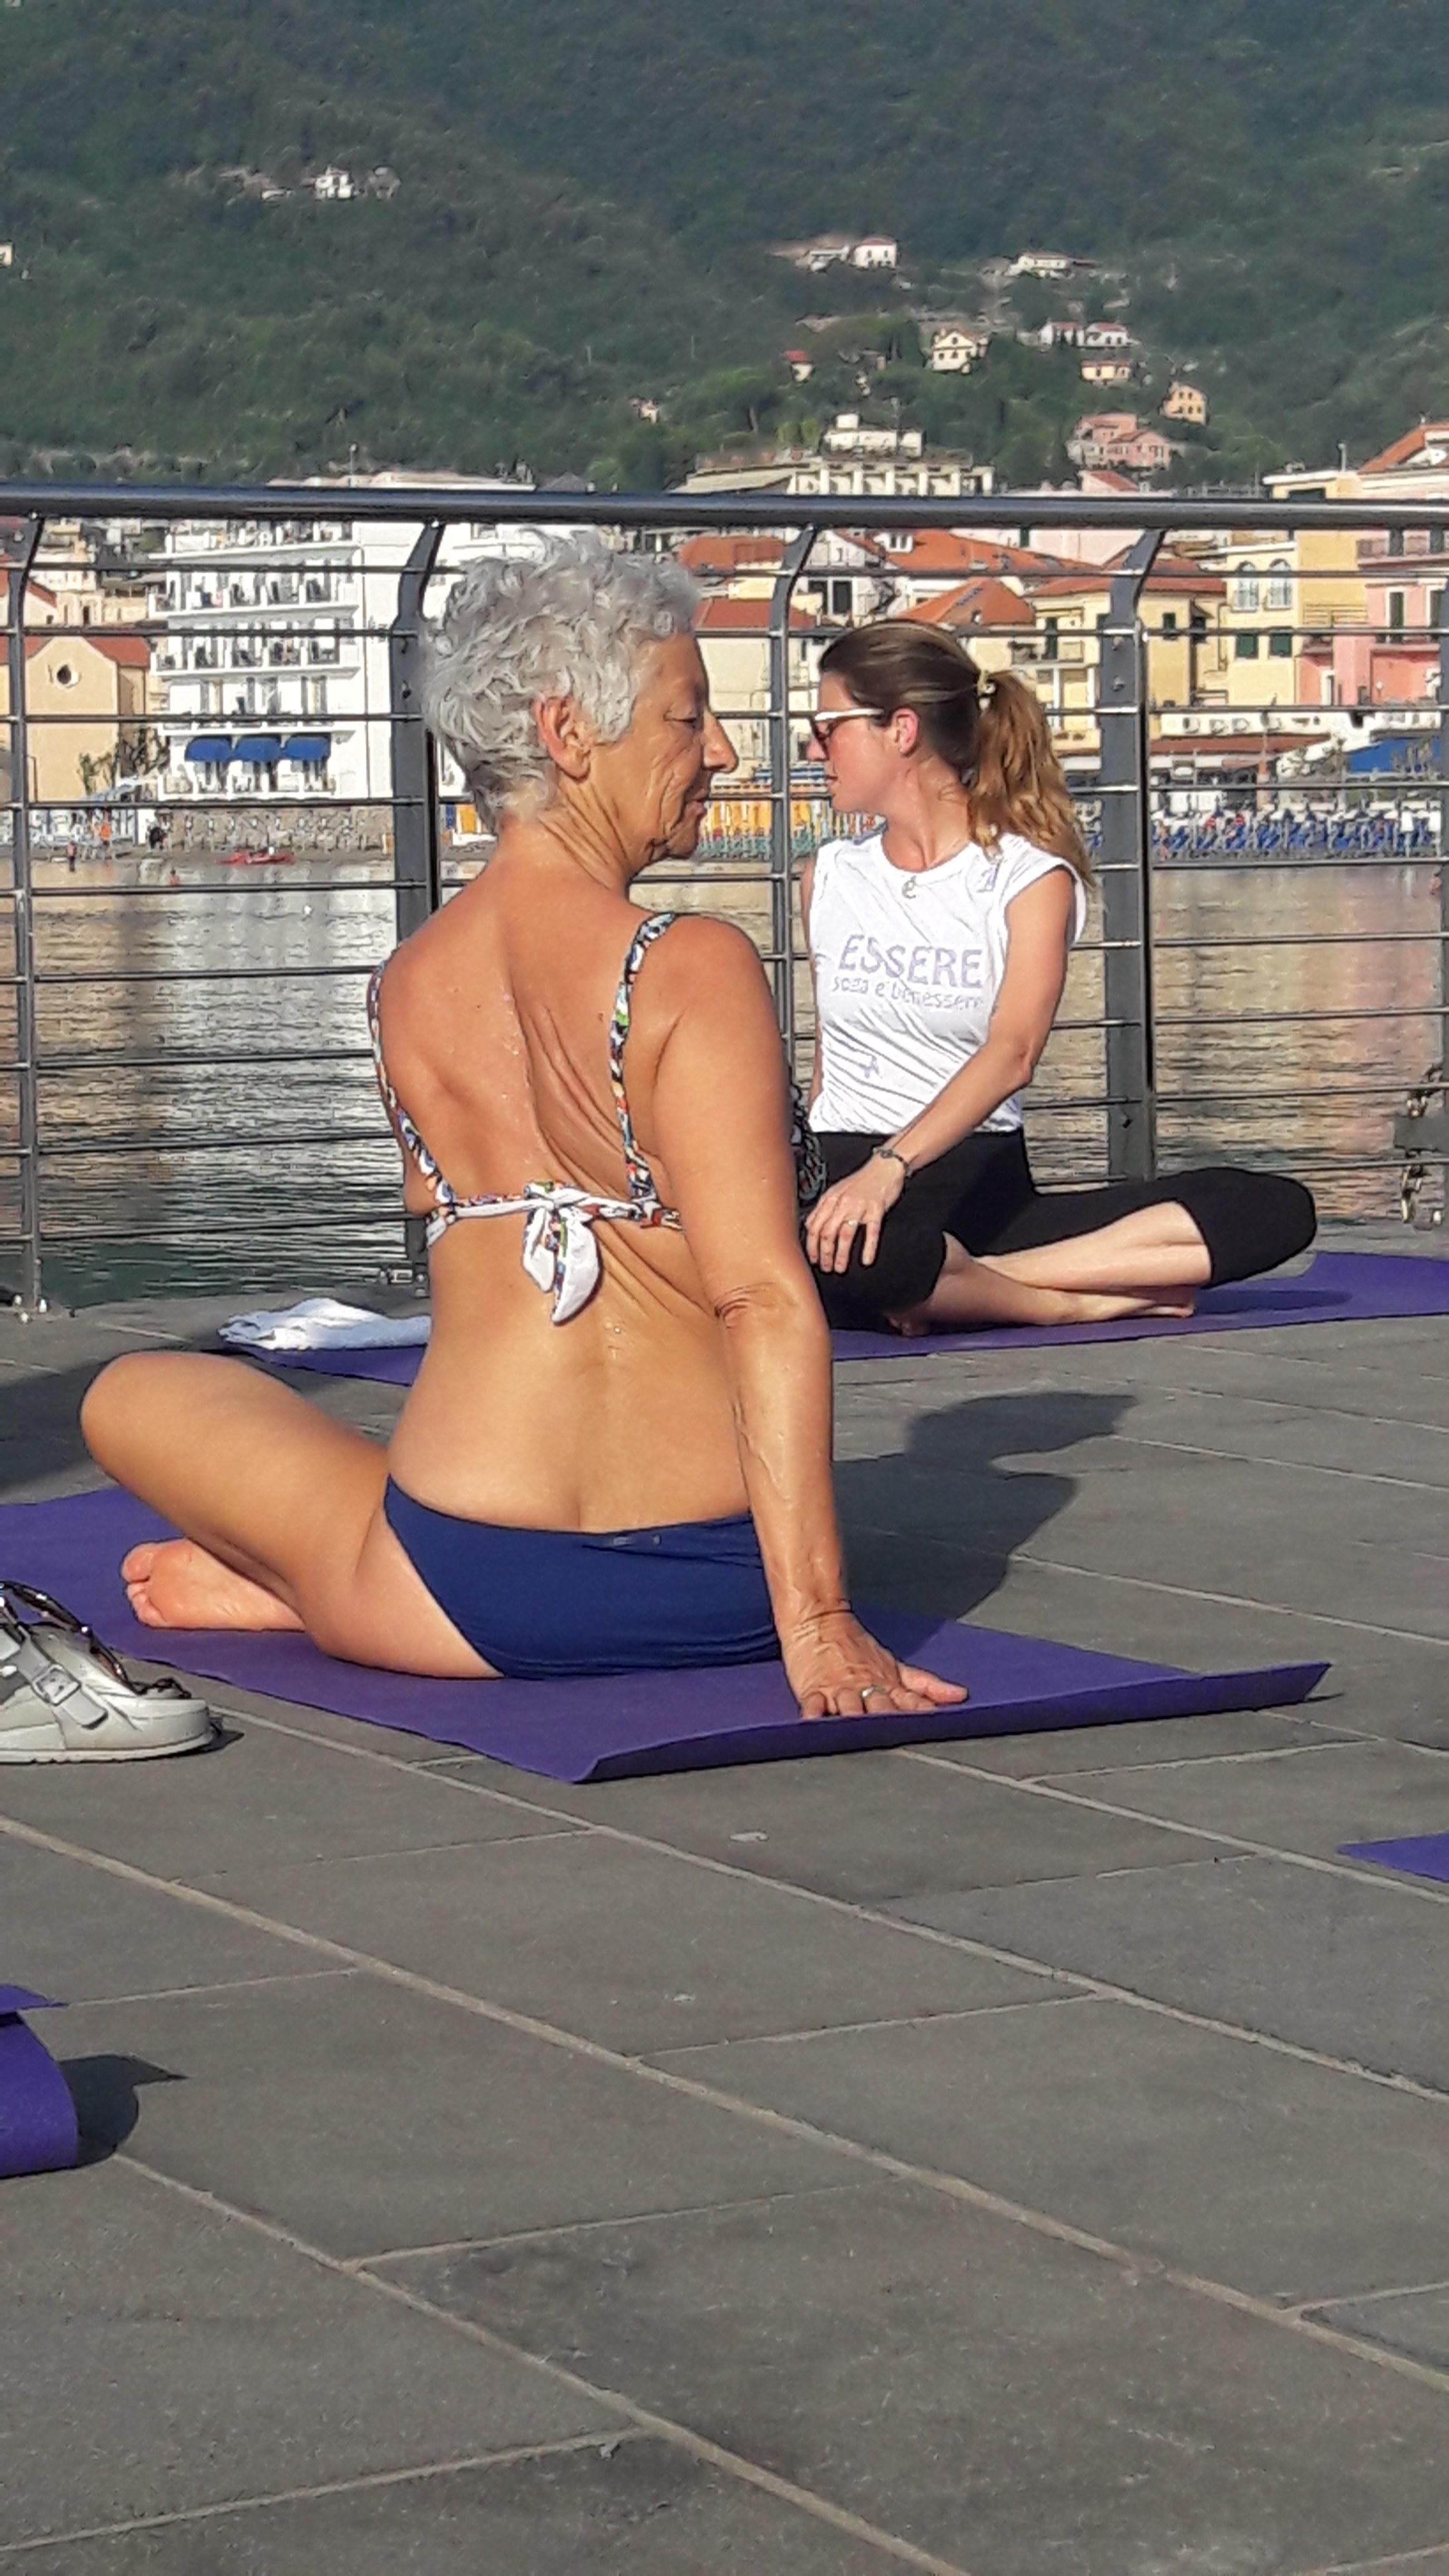 1_essere-free-yoga-gratuito-benessere-per-tutti-village-citta-alassio-estate-lucia-ragazzi-summer-town-wellness-009